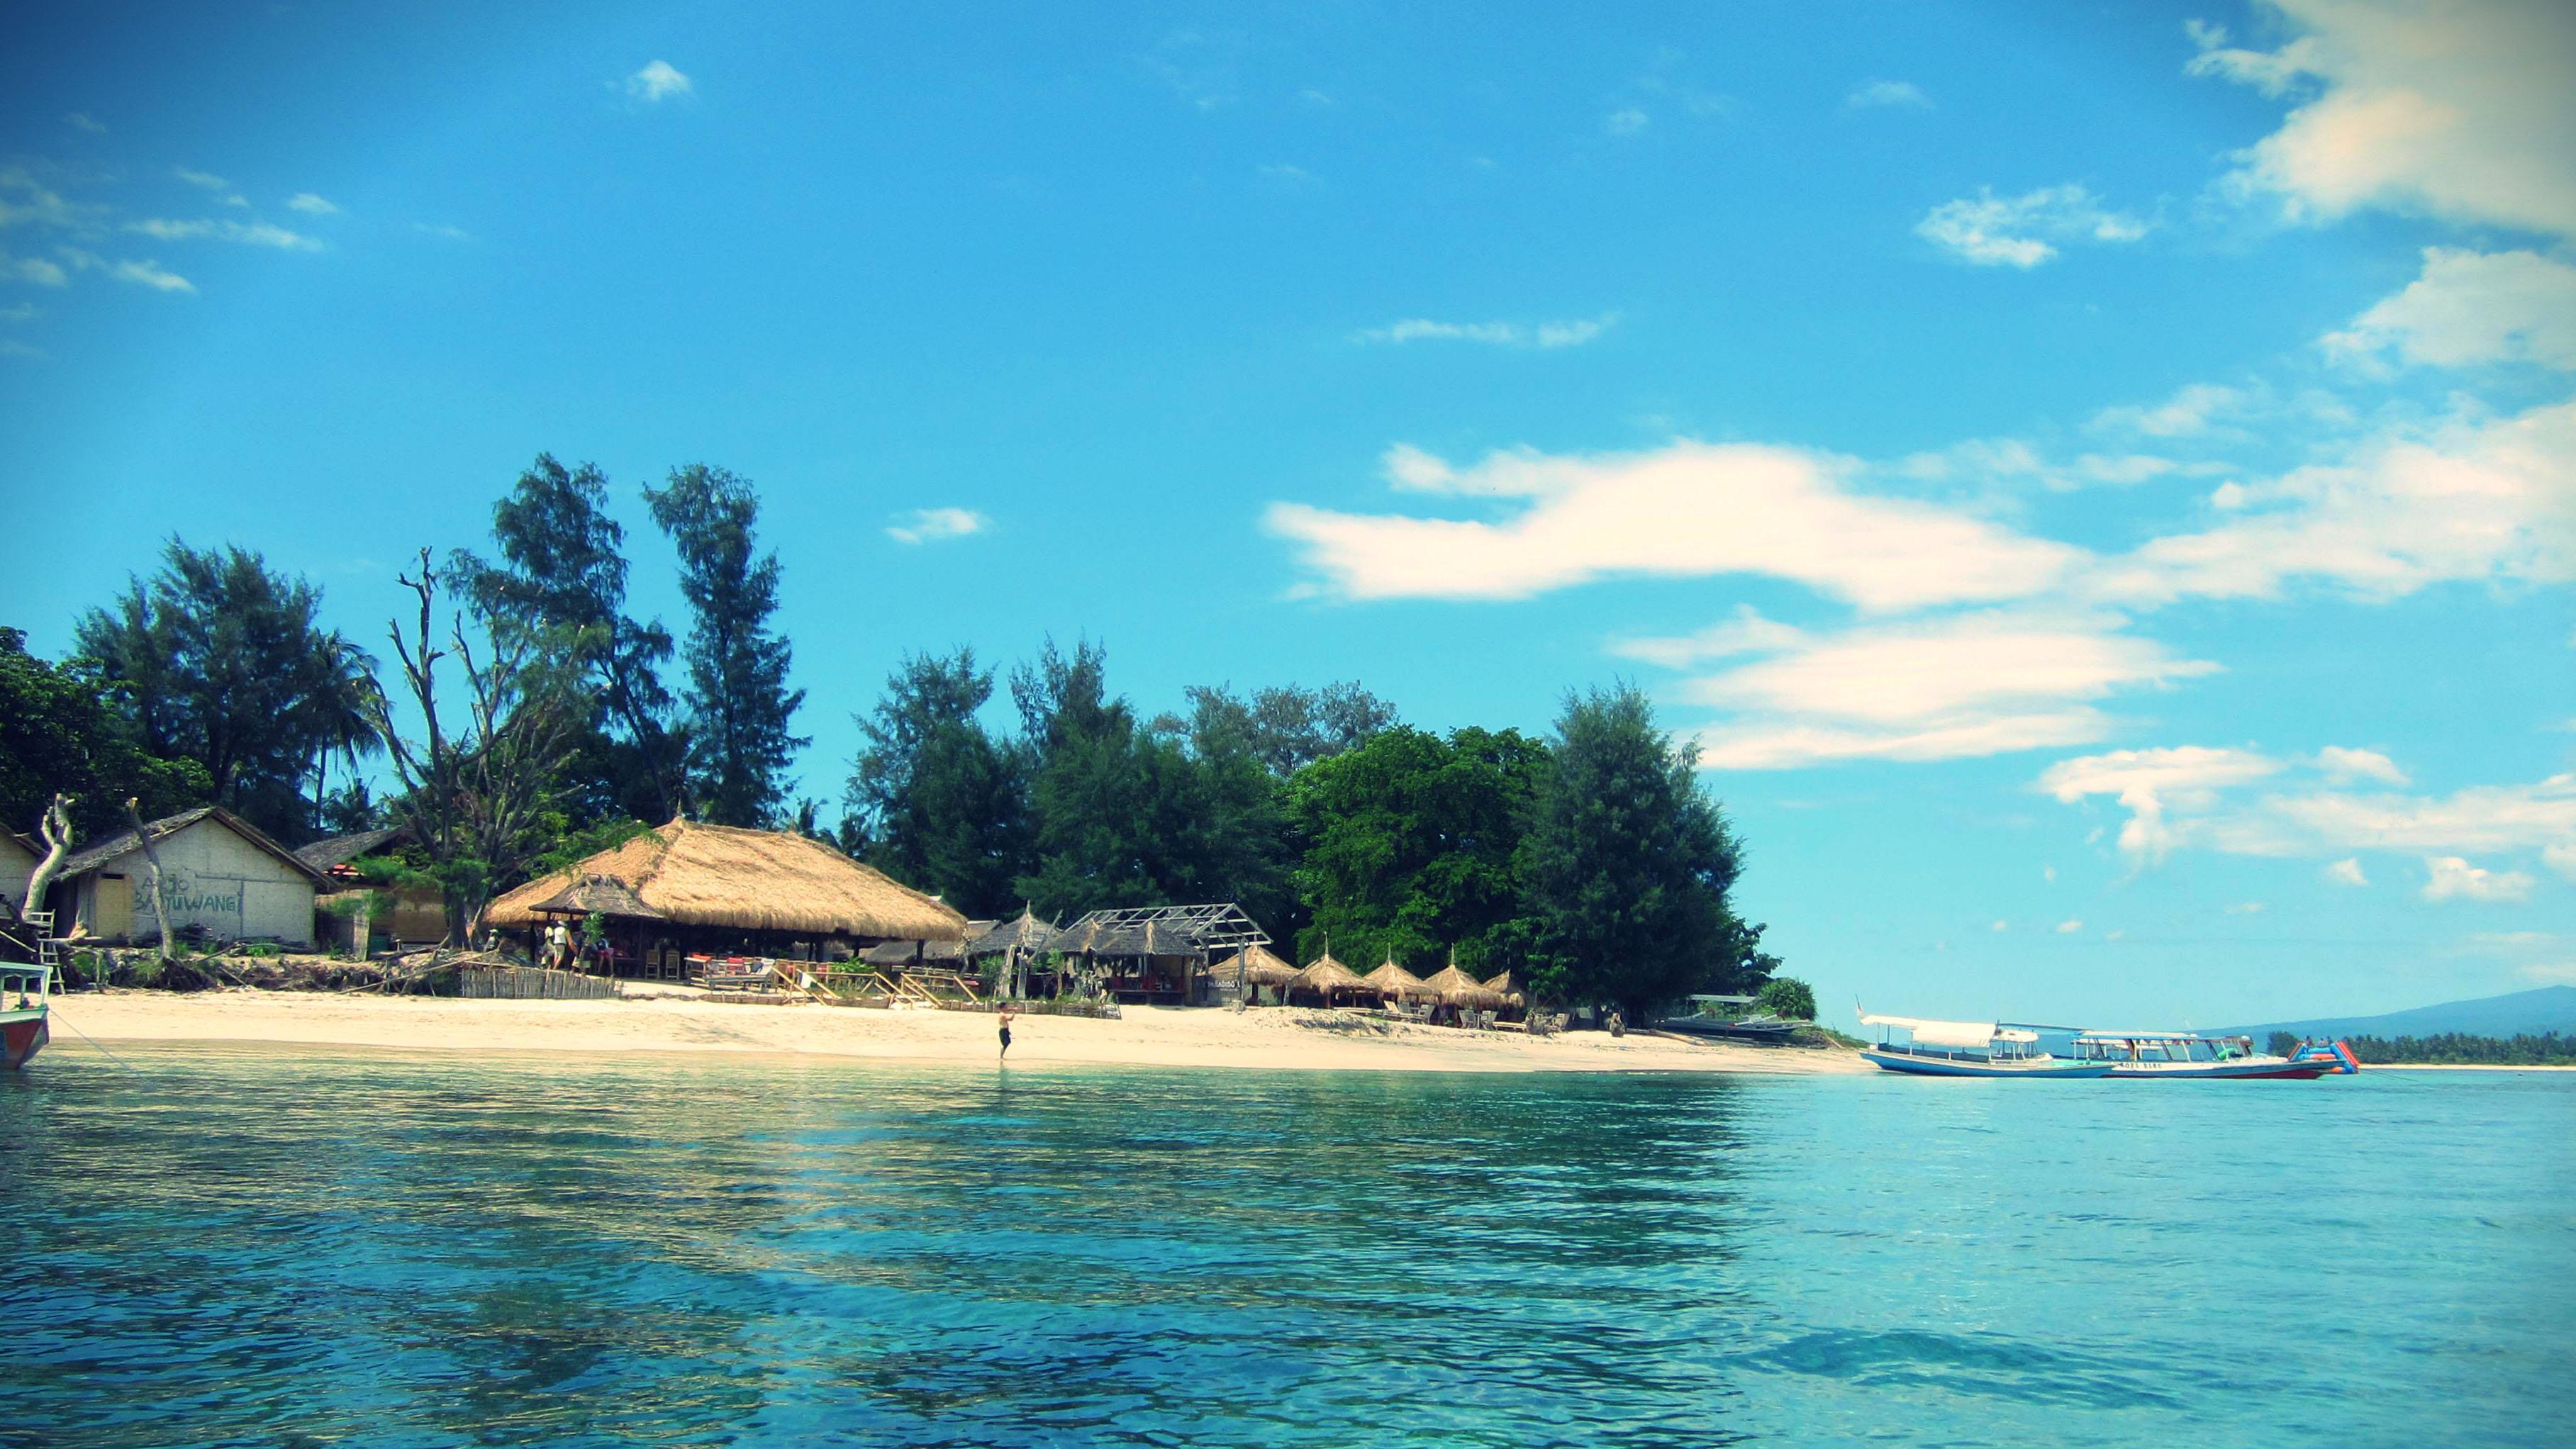 Pantai Gili Air Destinasi Tempat Wisata Ramai Pengunjung Lombok Pulau